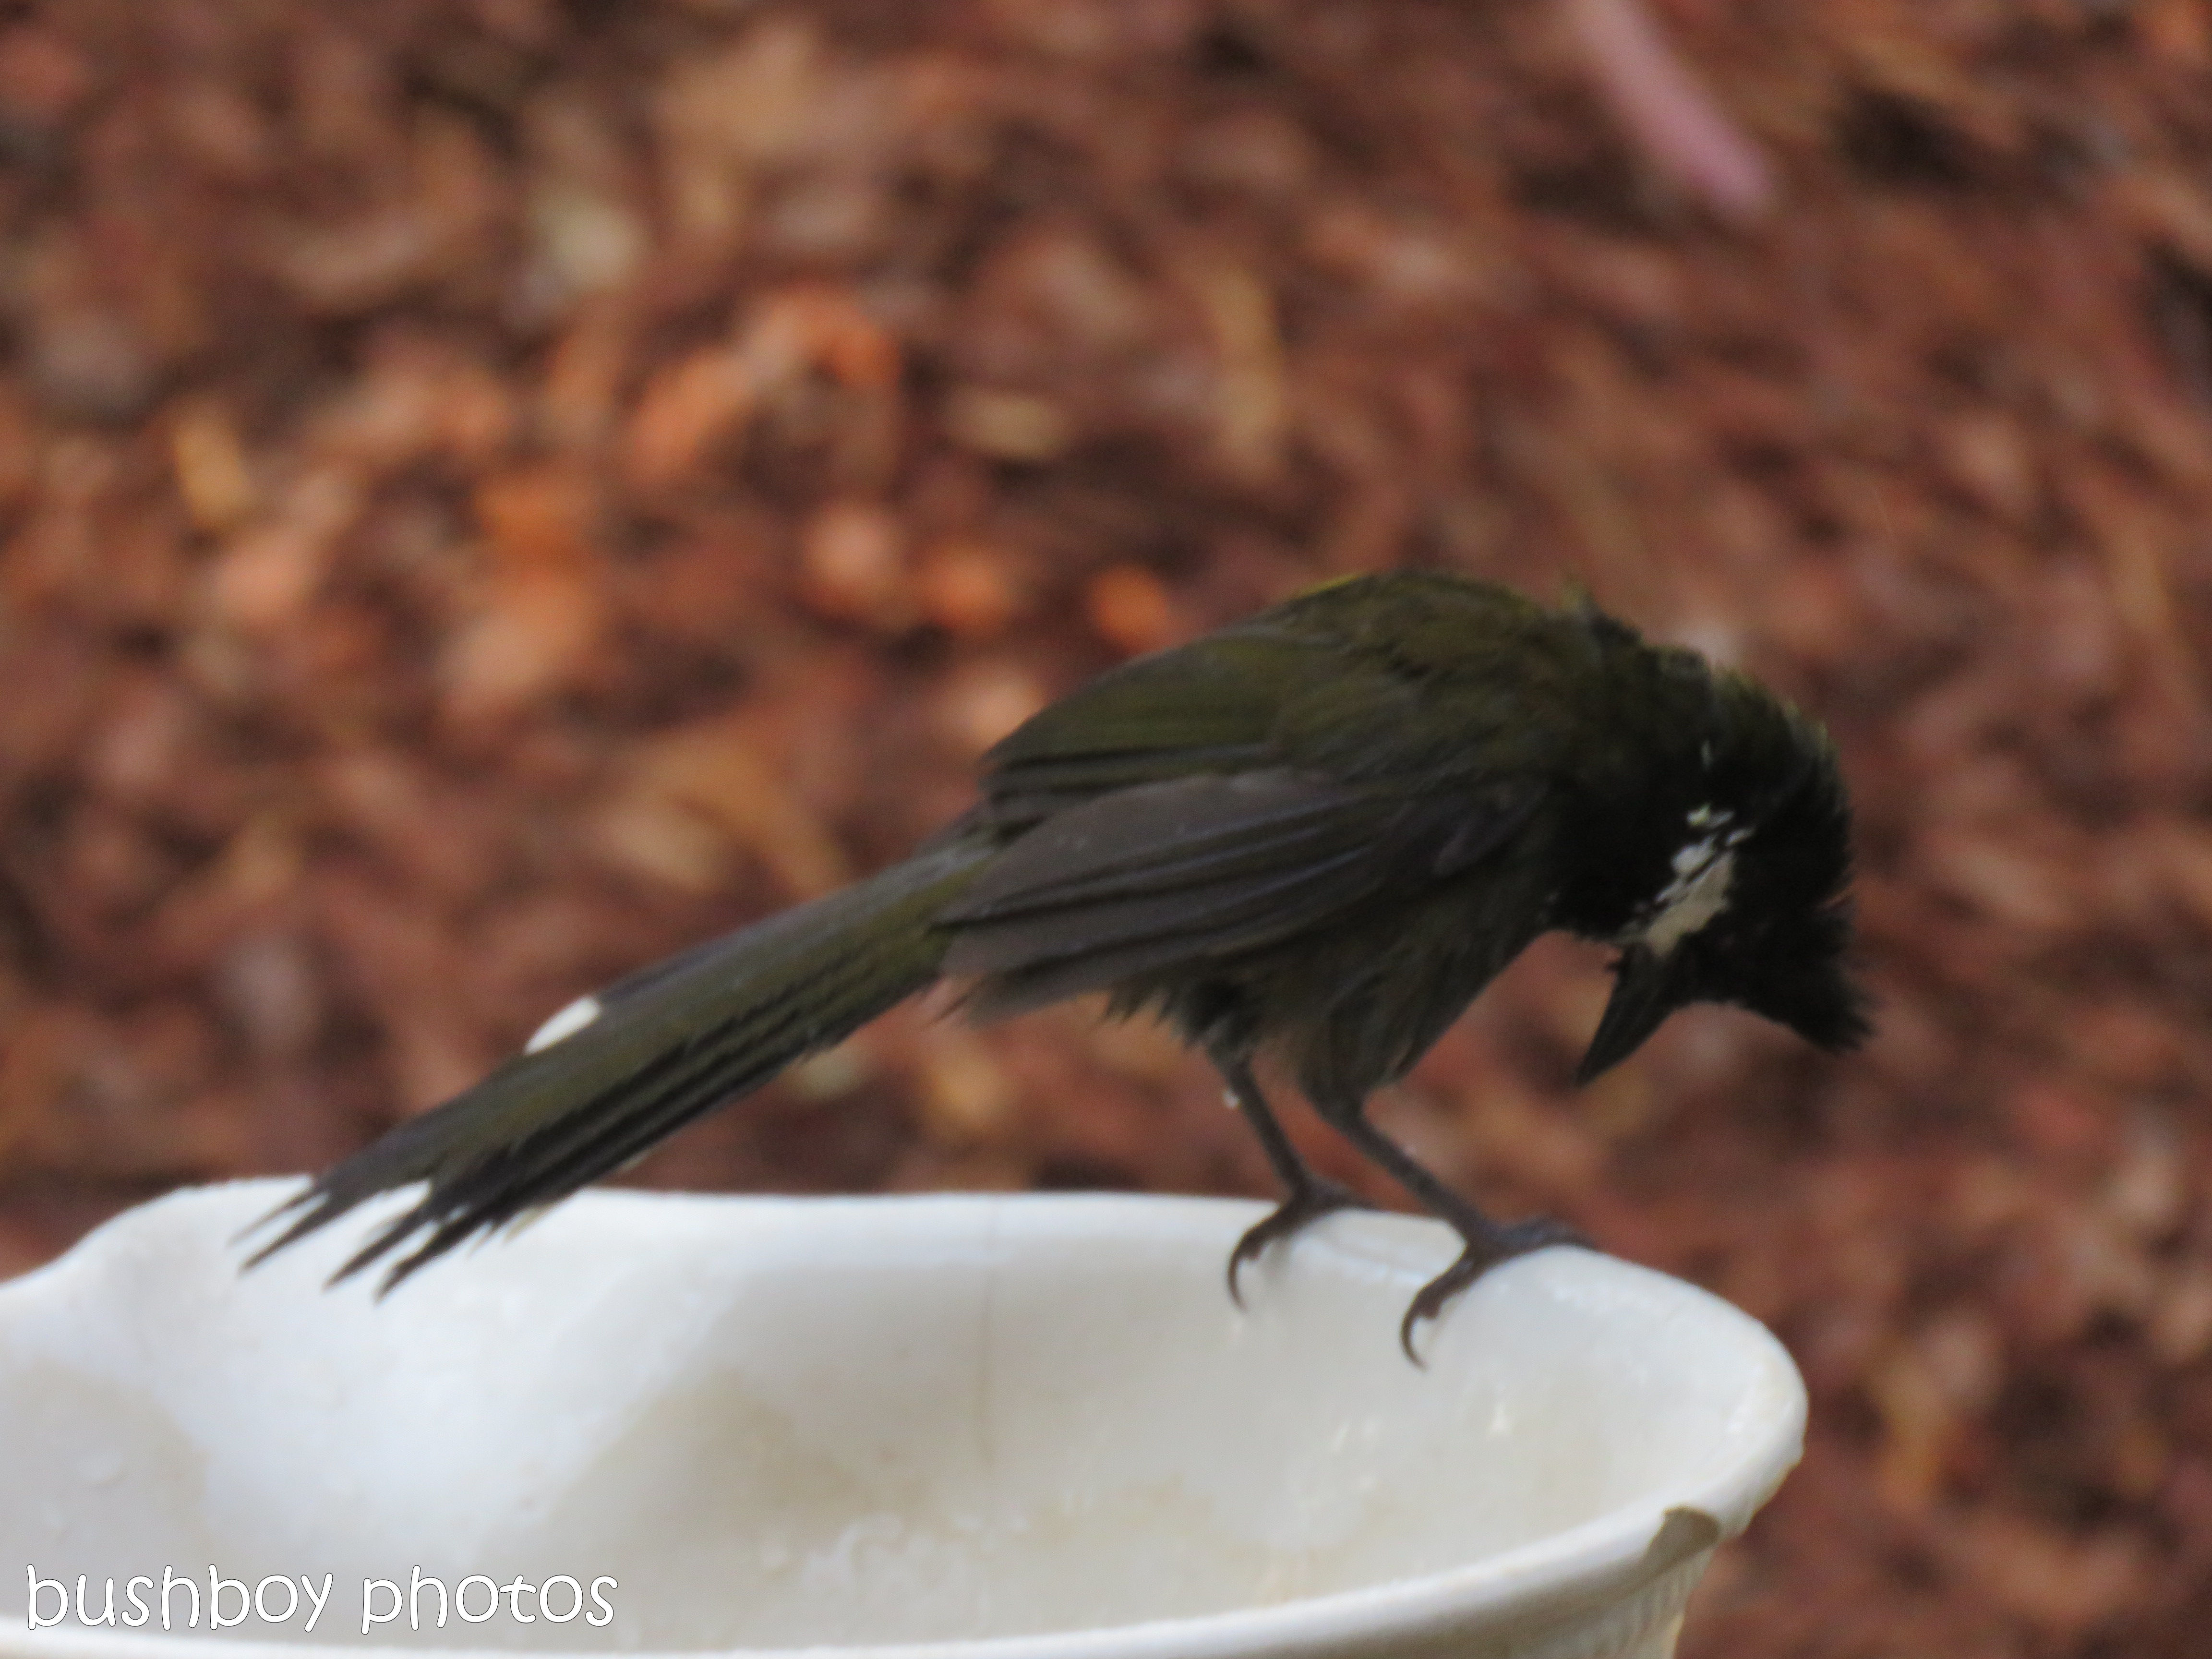 180921_blog challenge_whip bird_bird bath05